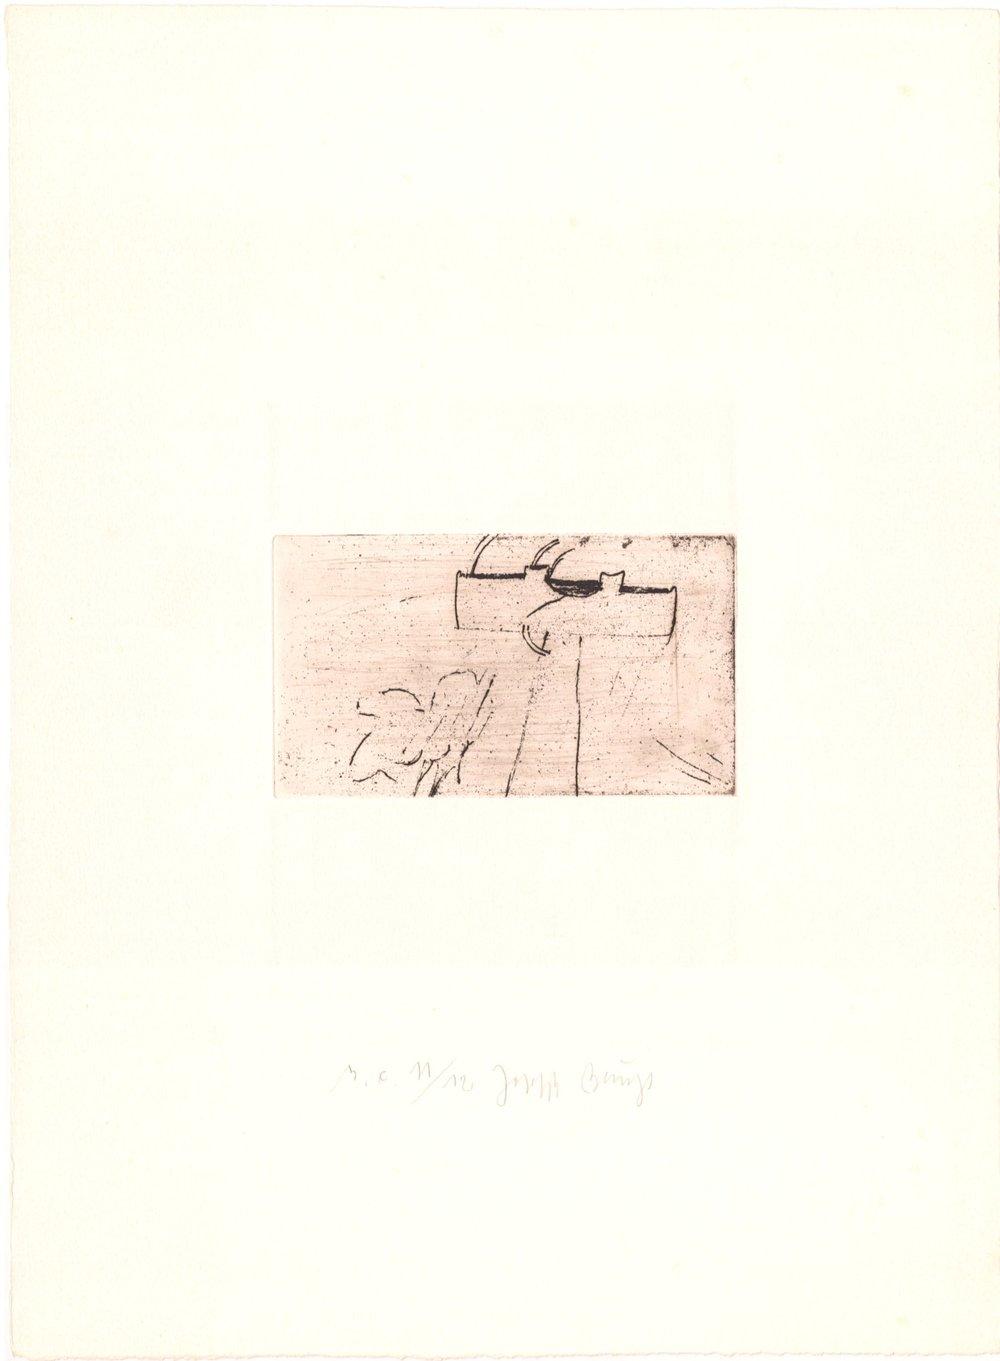 Kreuz für Saturn - 53/75 (Normalausgabe, Radierung und Kaltnadel auf Rives gris)